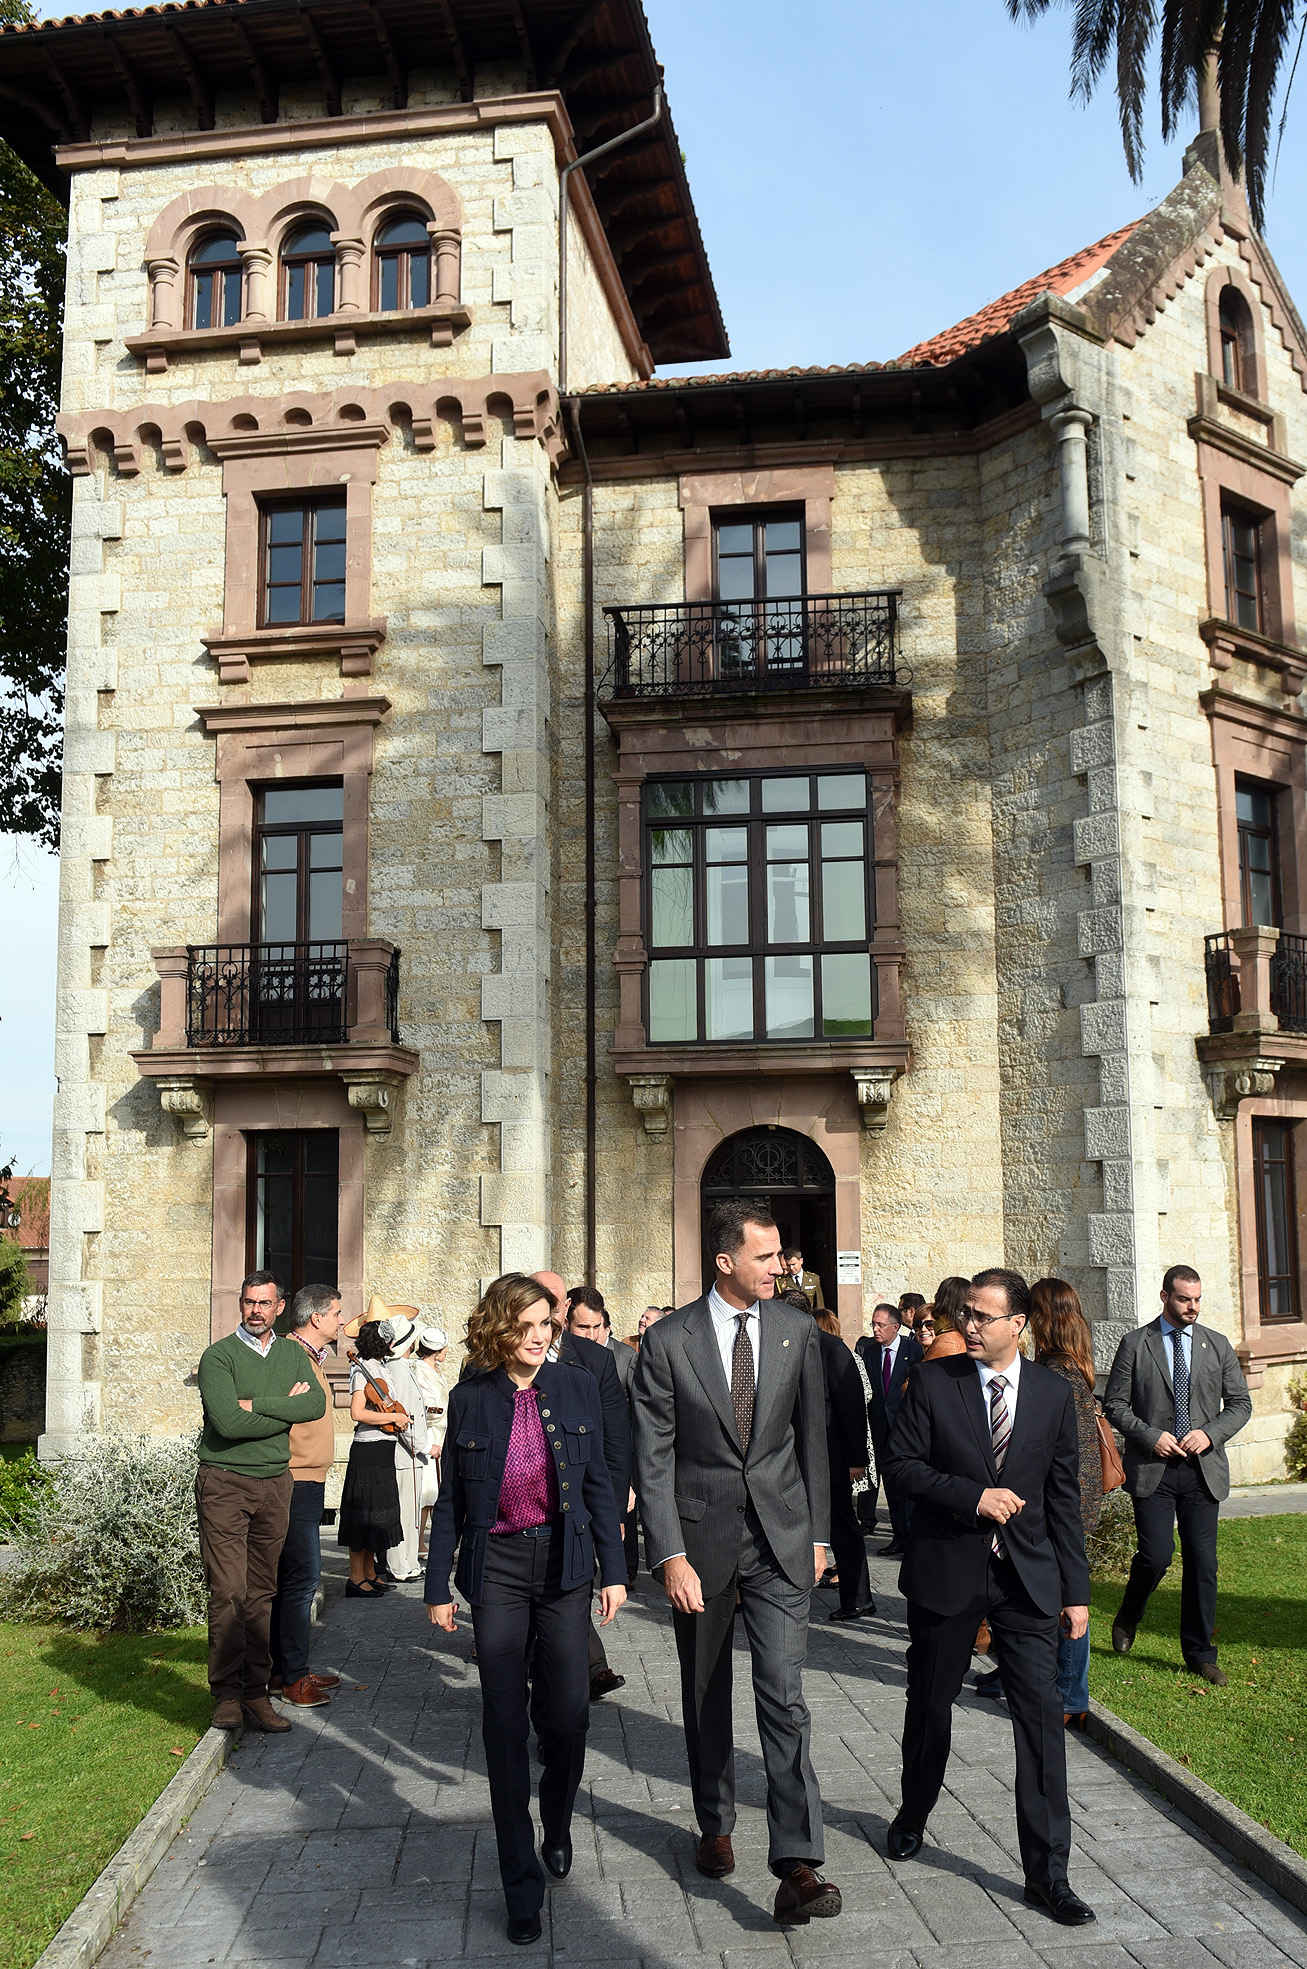 2015 Exemplary Town of Asturias